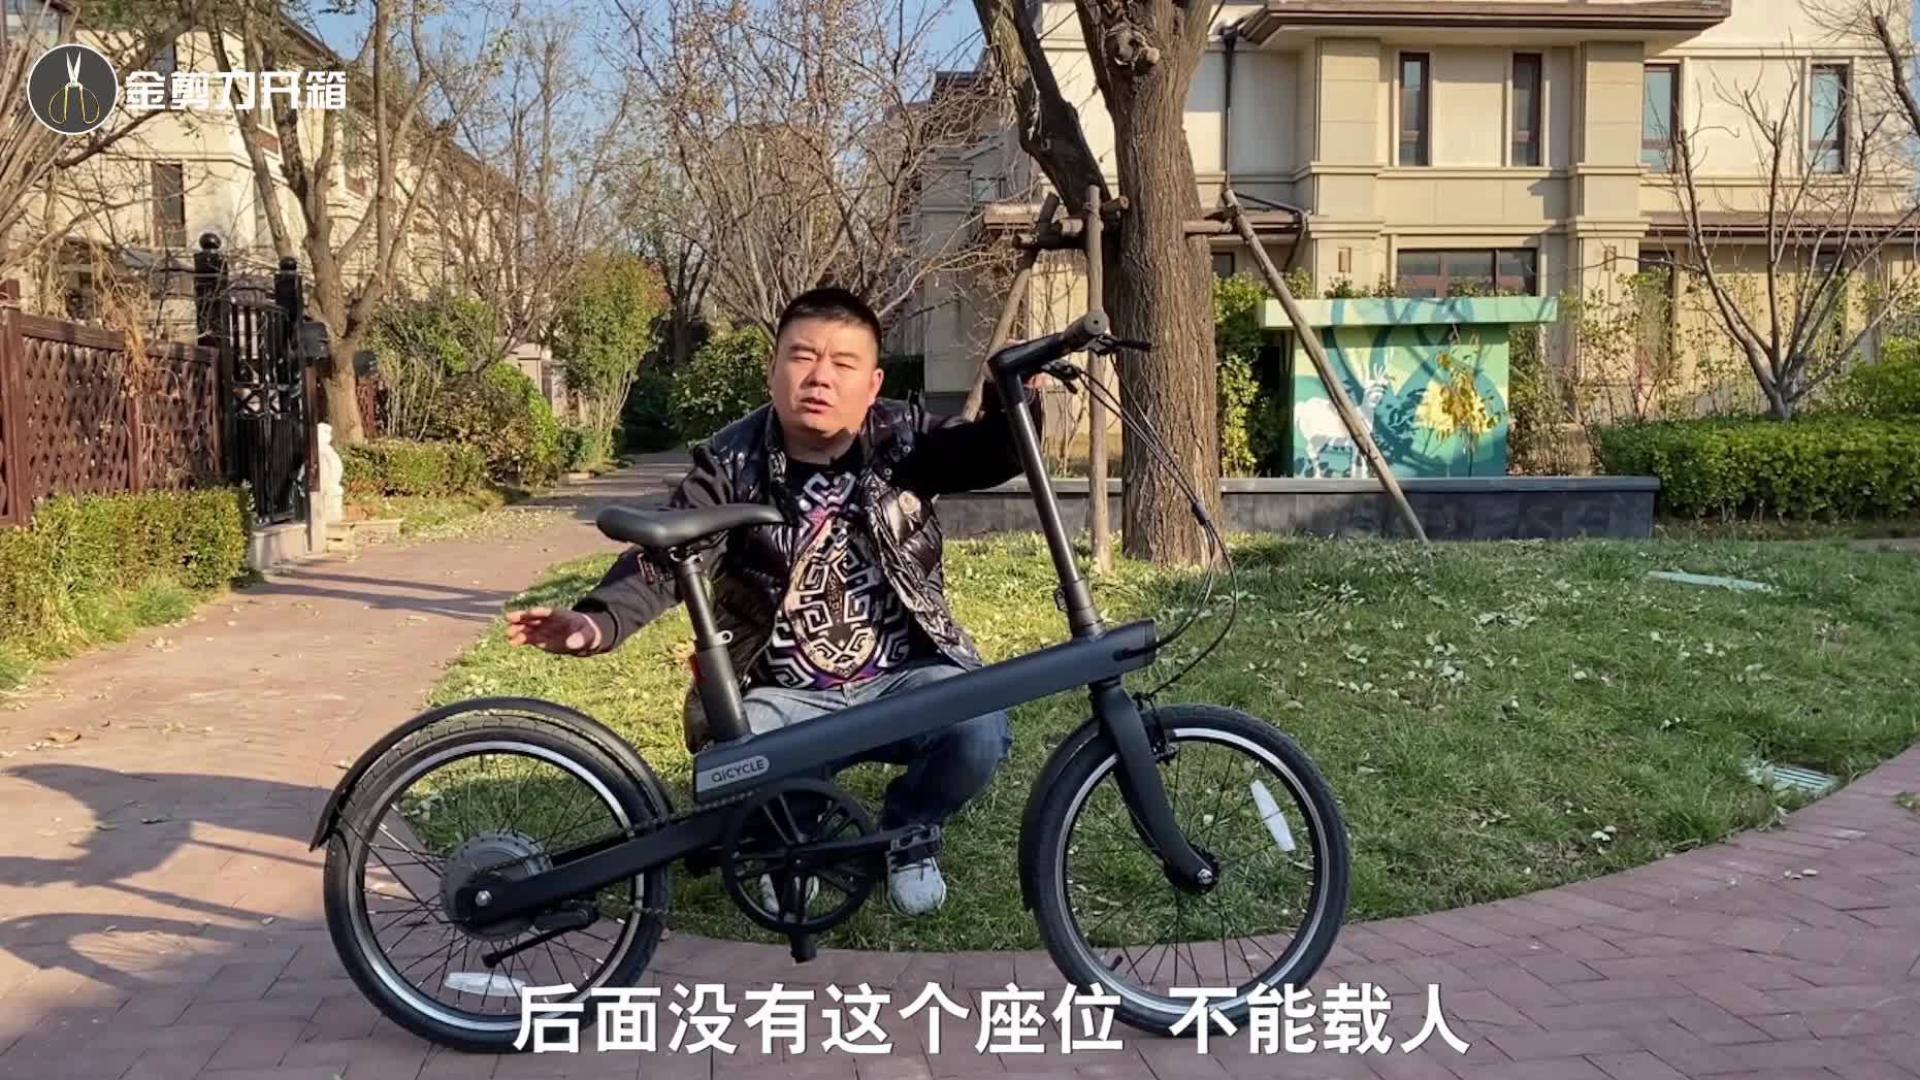 小米又出新品,2999元电助力自行车,开箱那刻,差点把我惊到!